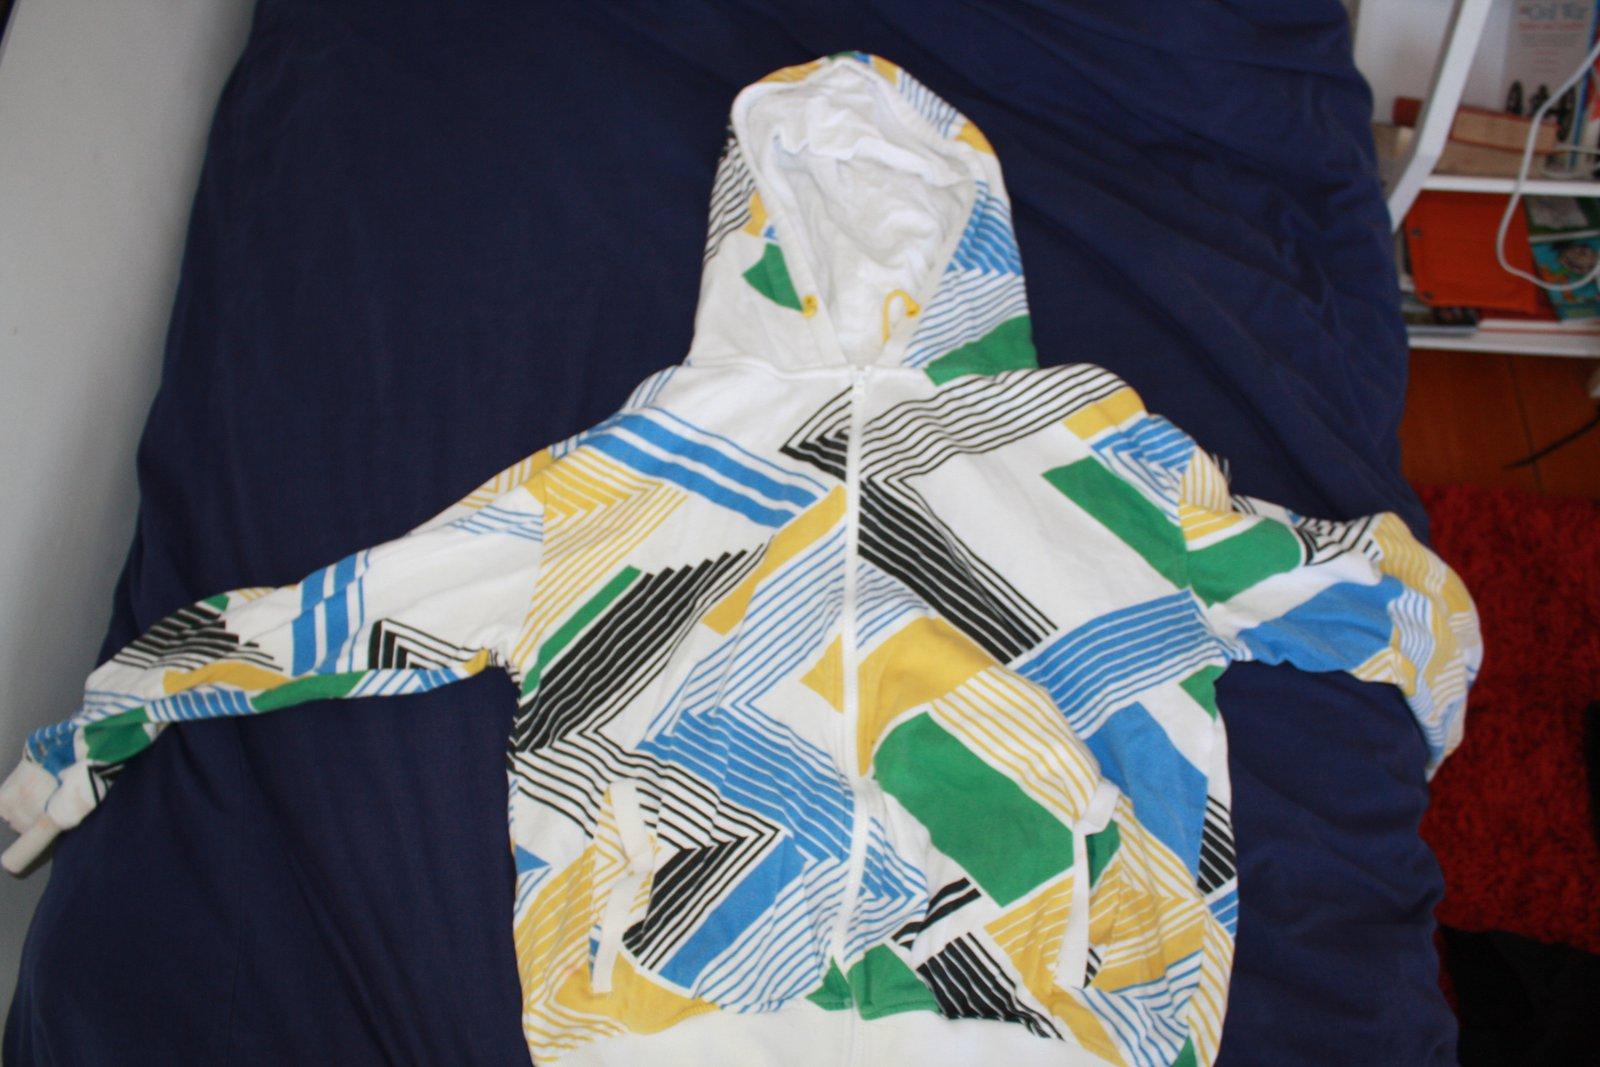 Oakley crowbars and analog hoodie - 2 of 2